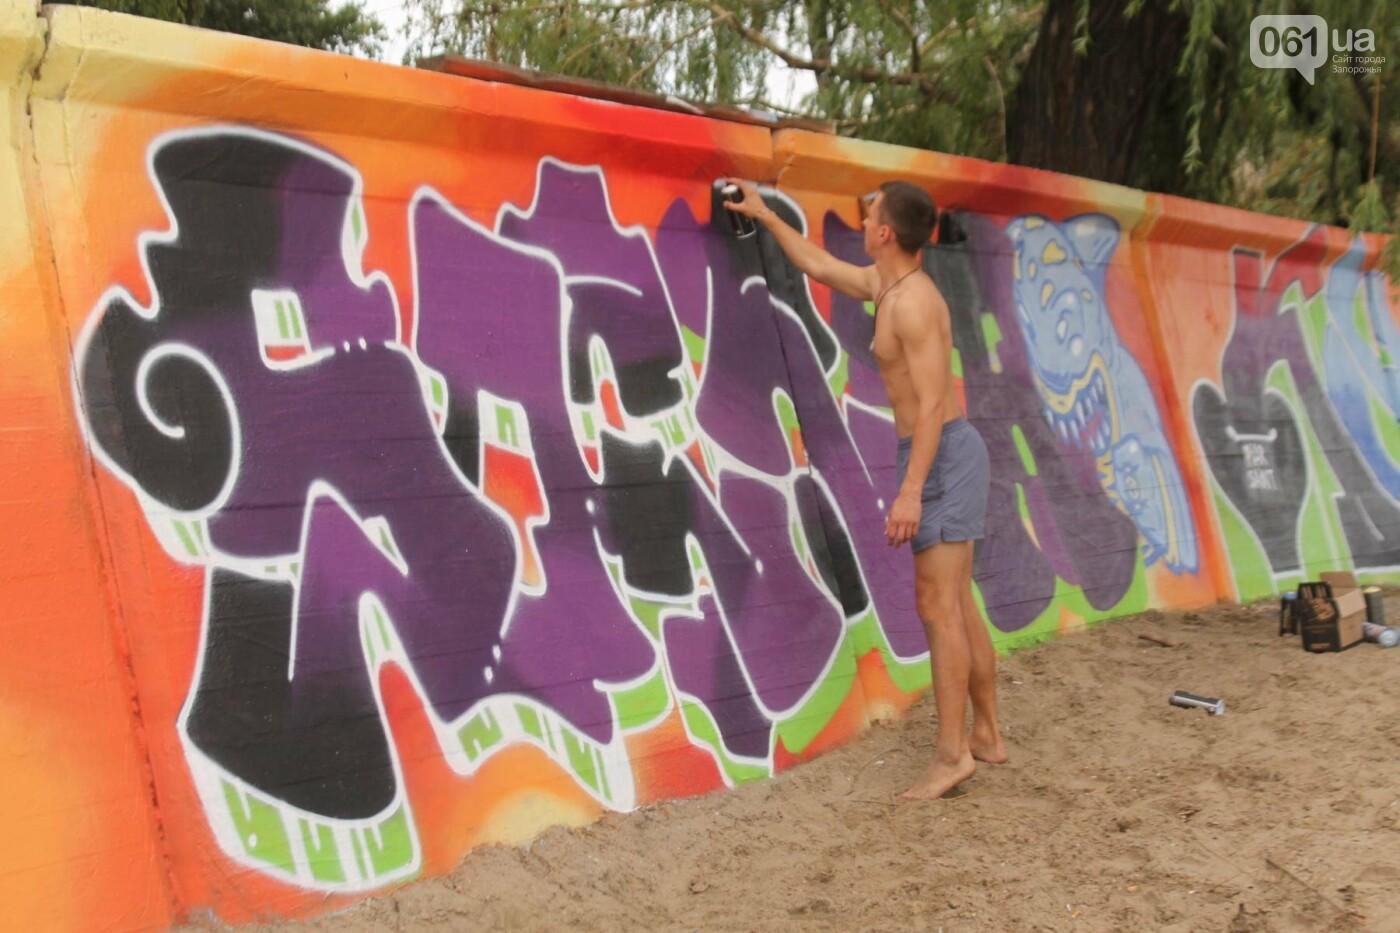 В Запорожье на пляже закончился фестиваль граффити: разрисовали 150 метров бетонной стены, – ФОТОРЕПОРТАЖ, фото-8